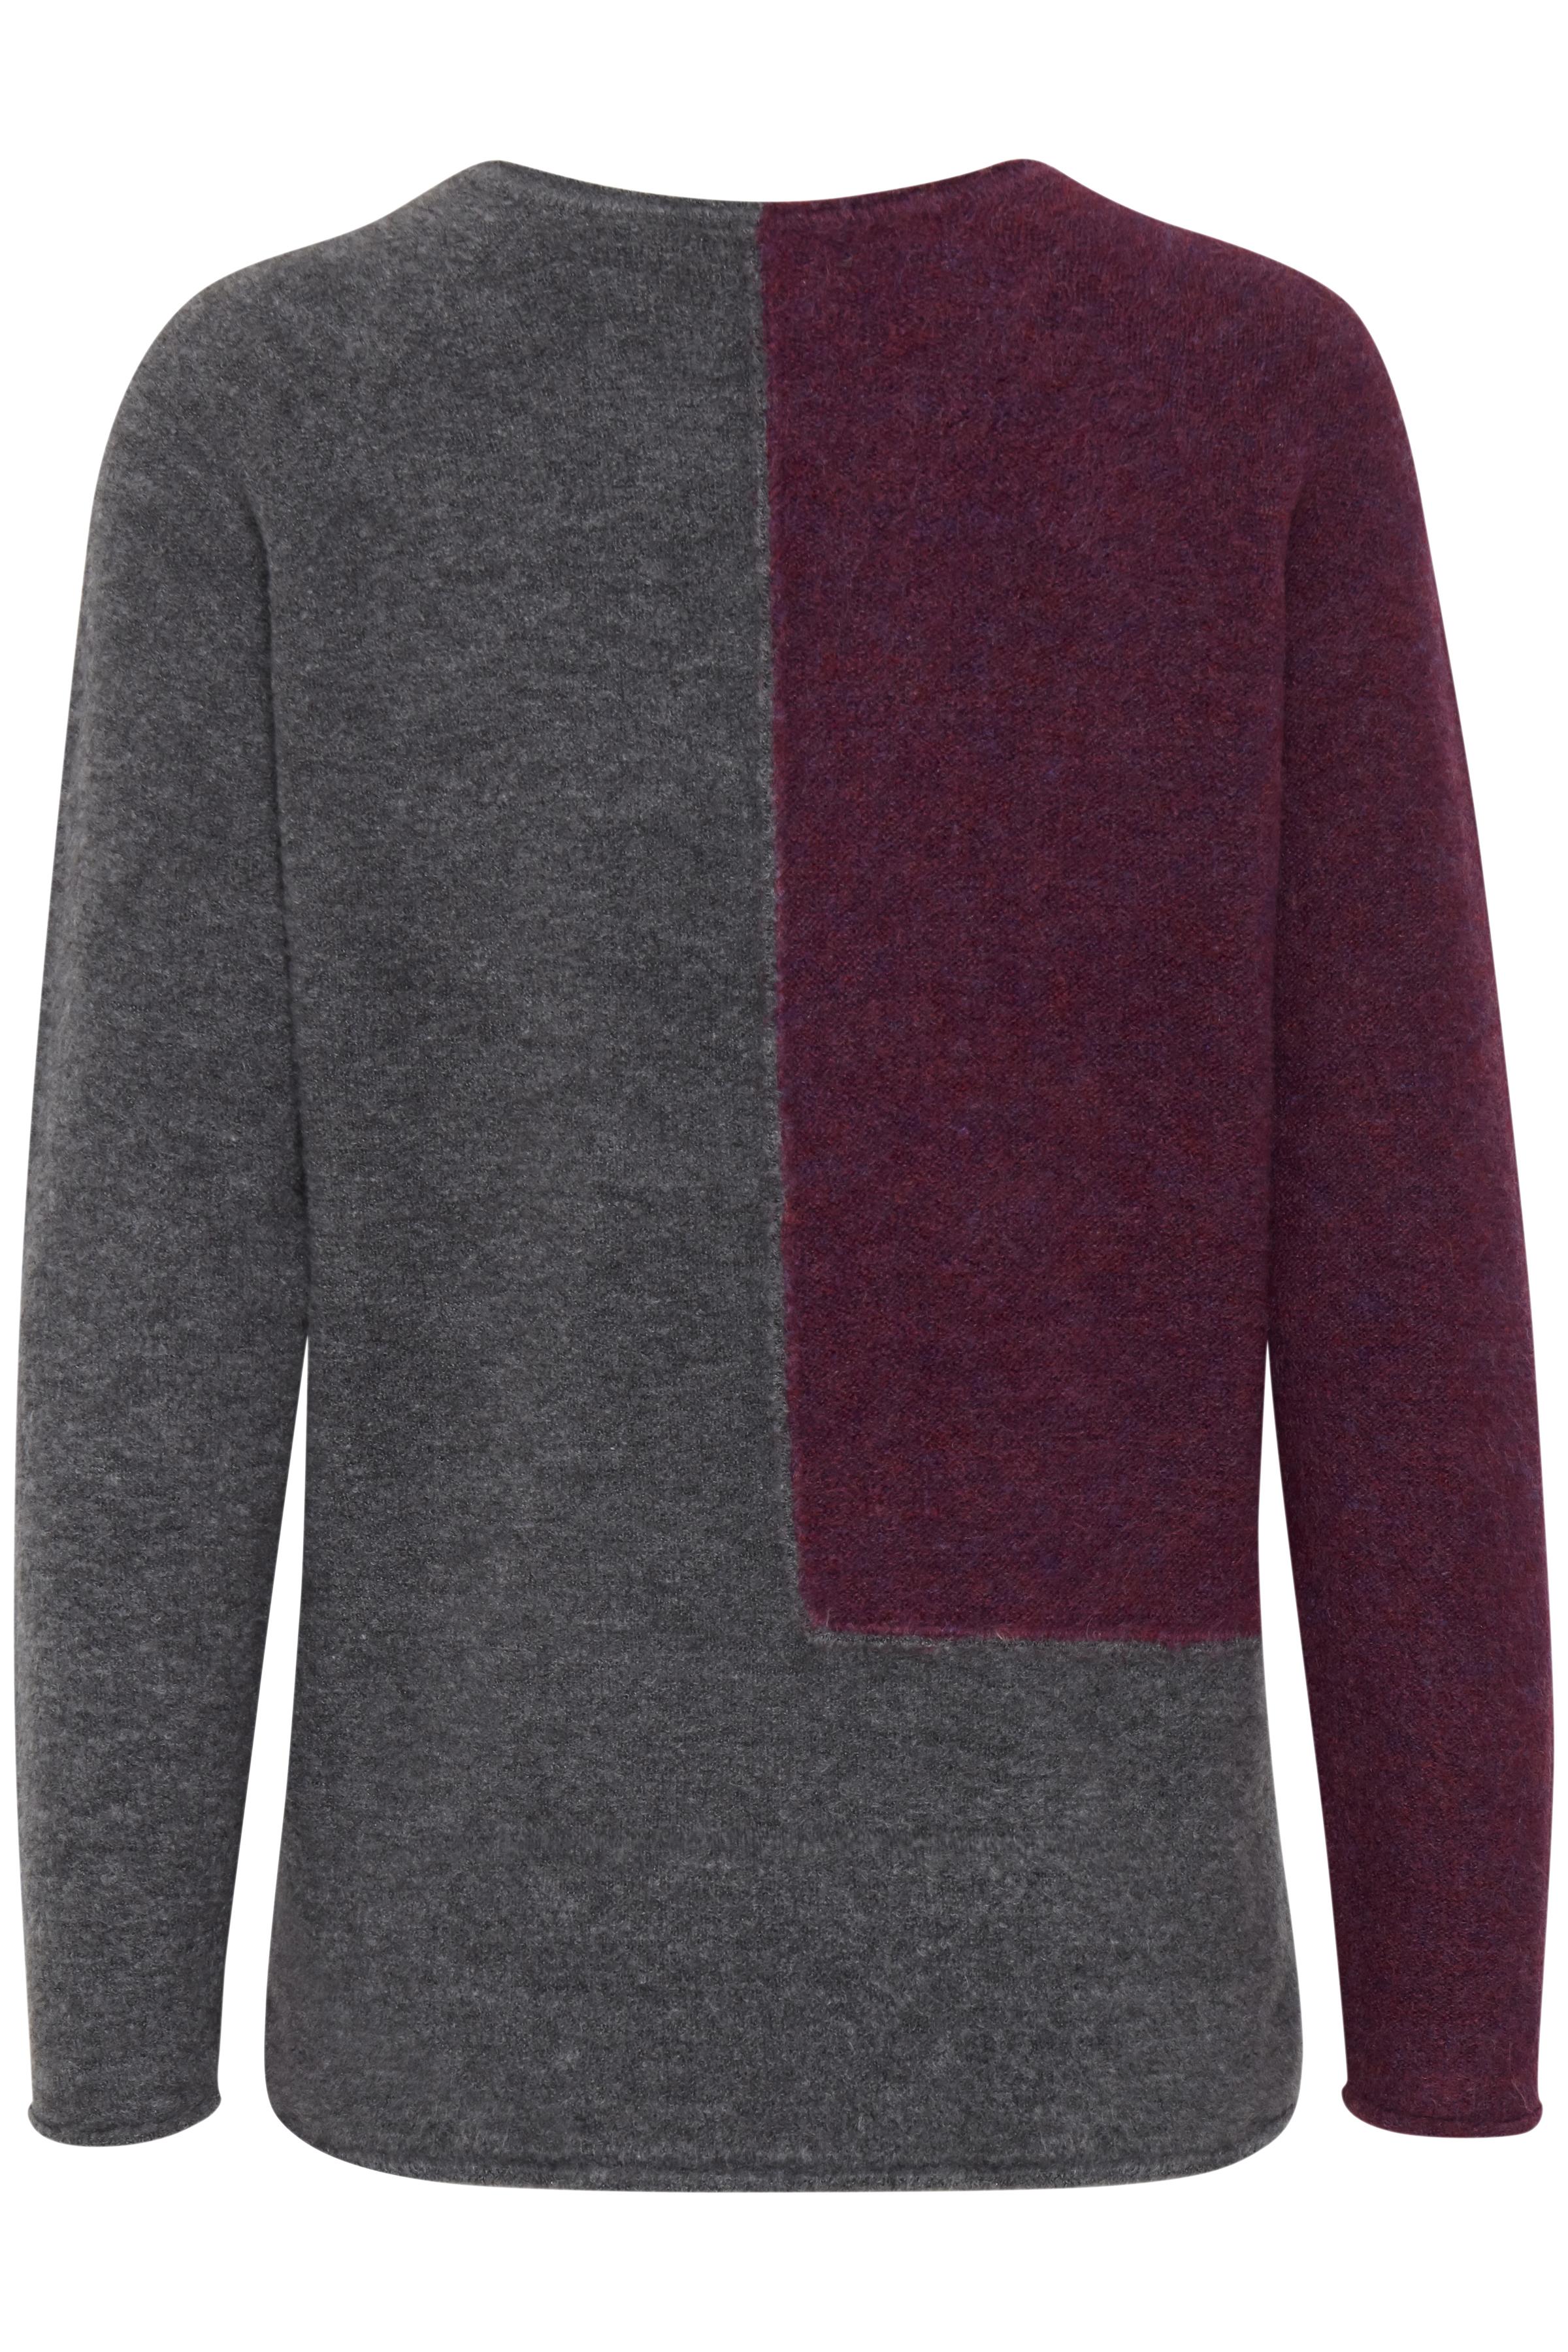 Fuchsia/mörkgrå Stickad pullover från Fransa – Köp Fuchsia/mörkgrå Stickad pullover från stl. XS-XXL här